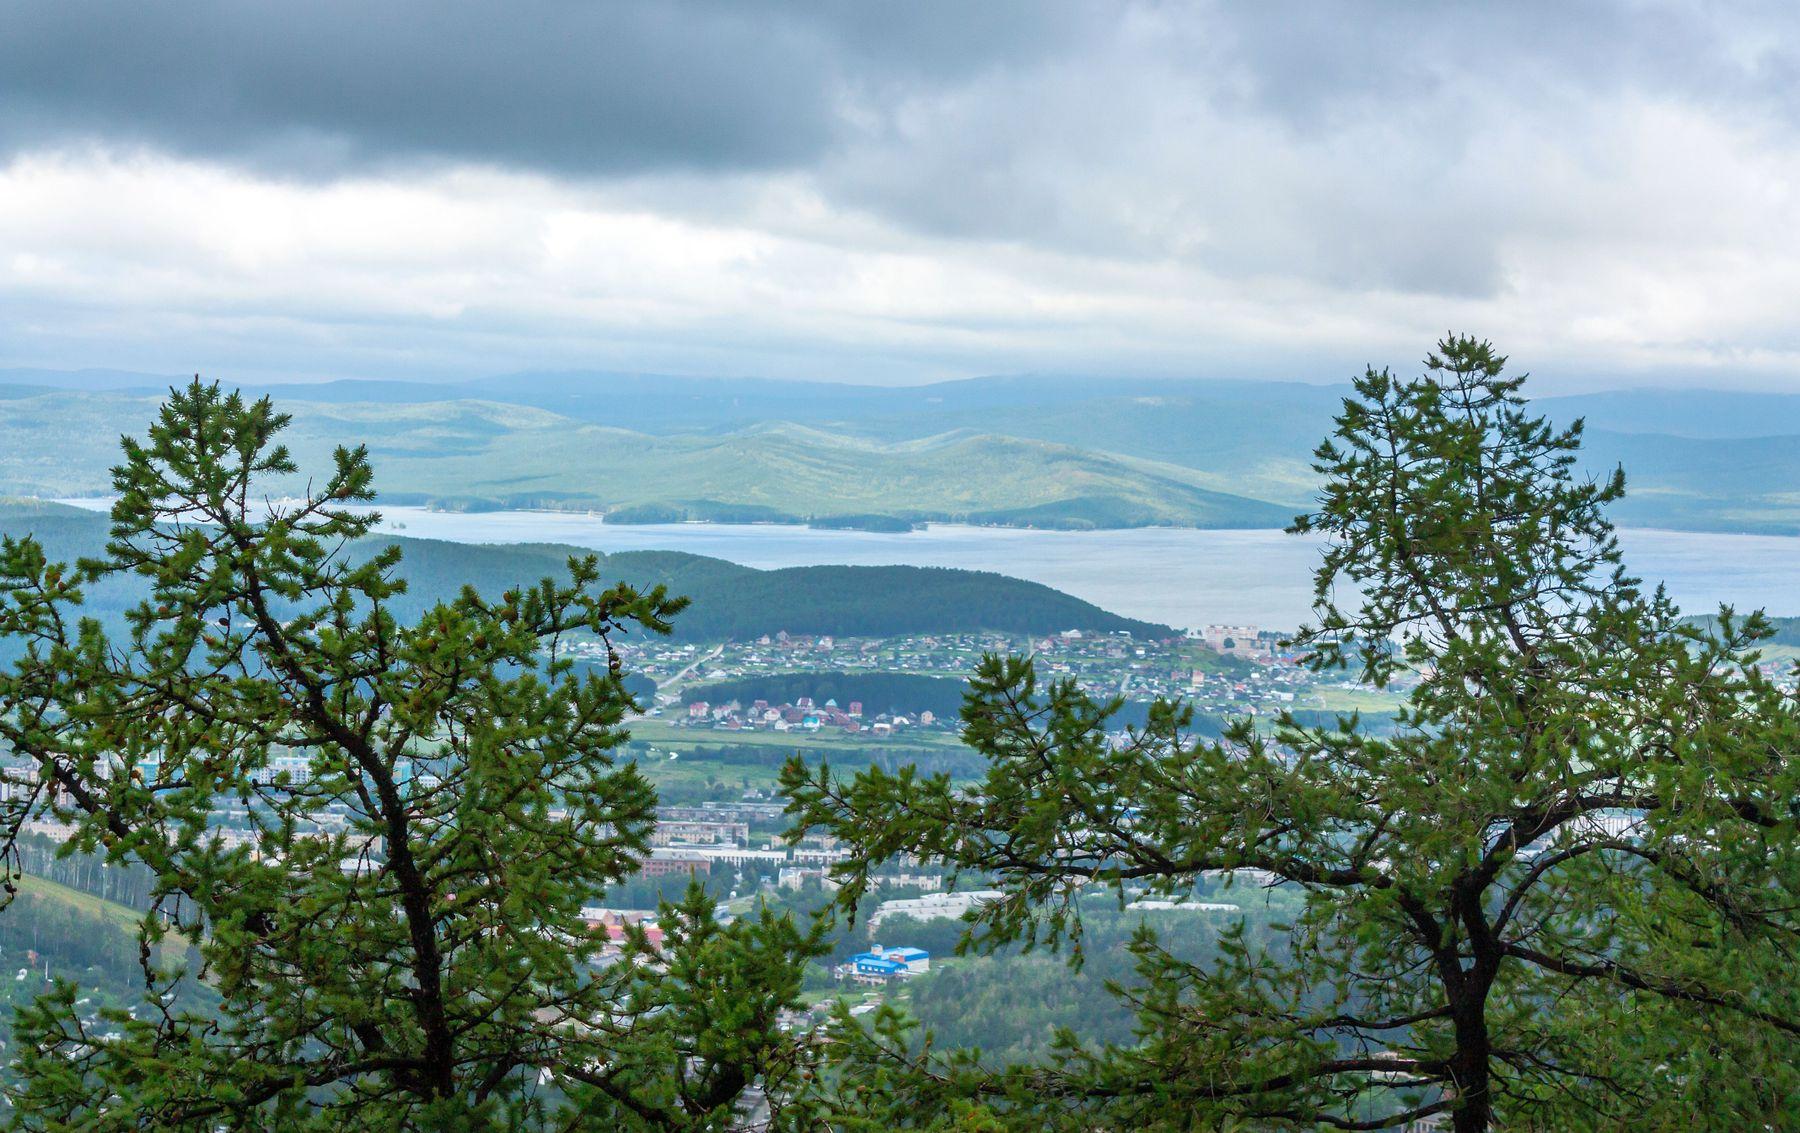 На перевале. Ильменский хребет. Южный Урал Миасс Ильменский хребет перевал природа лето